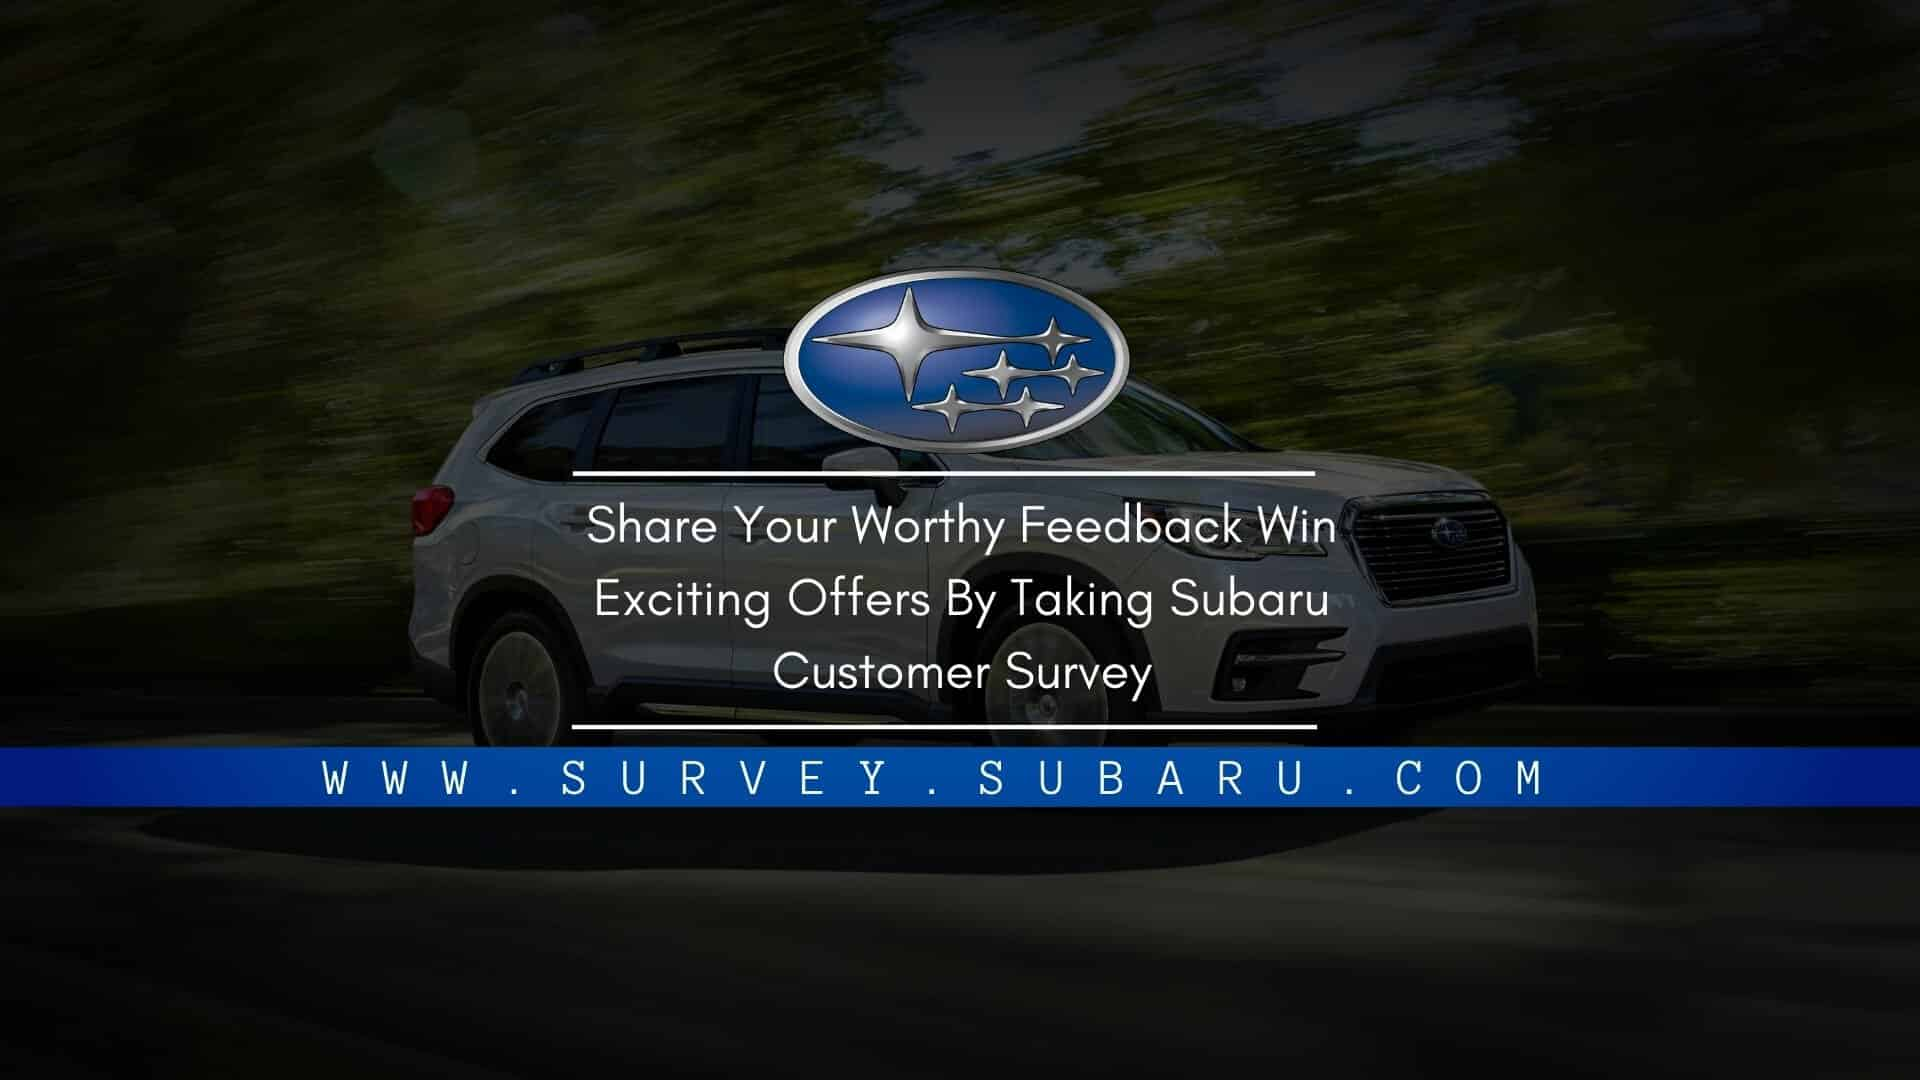 www.survey.subaru.com Survey